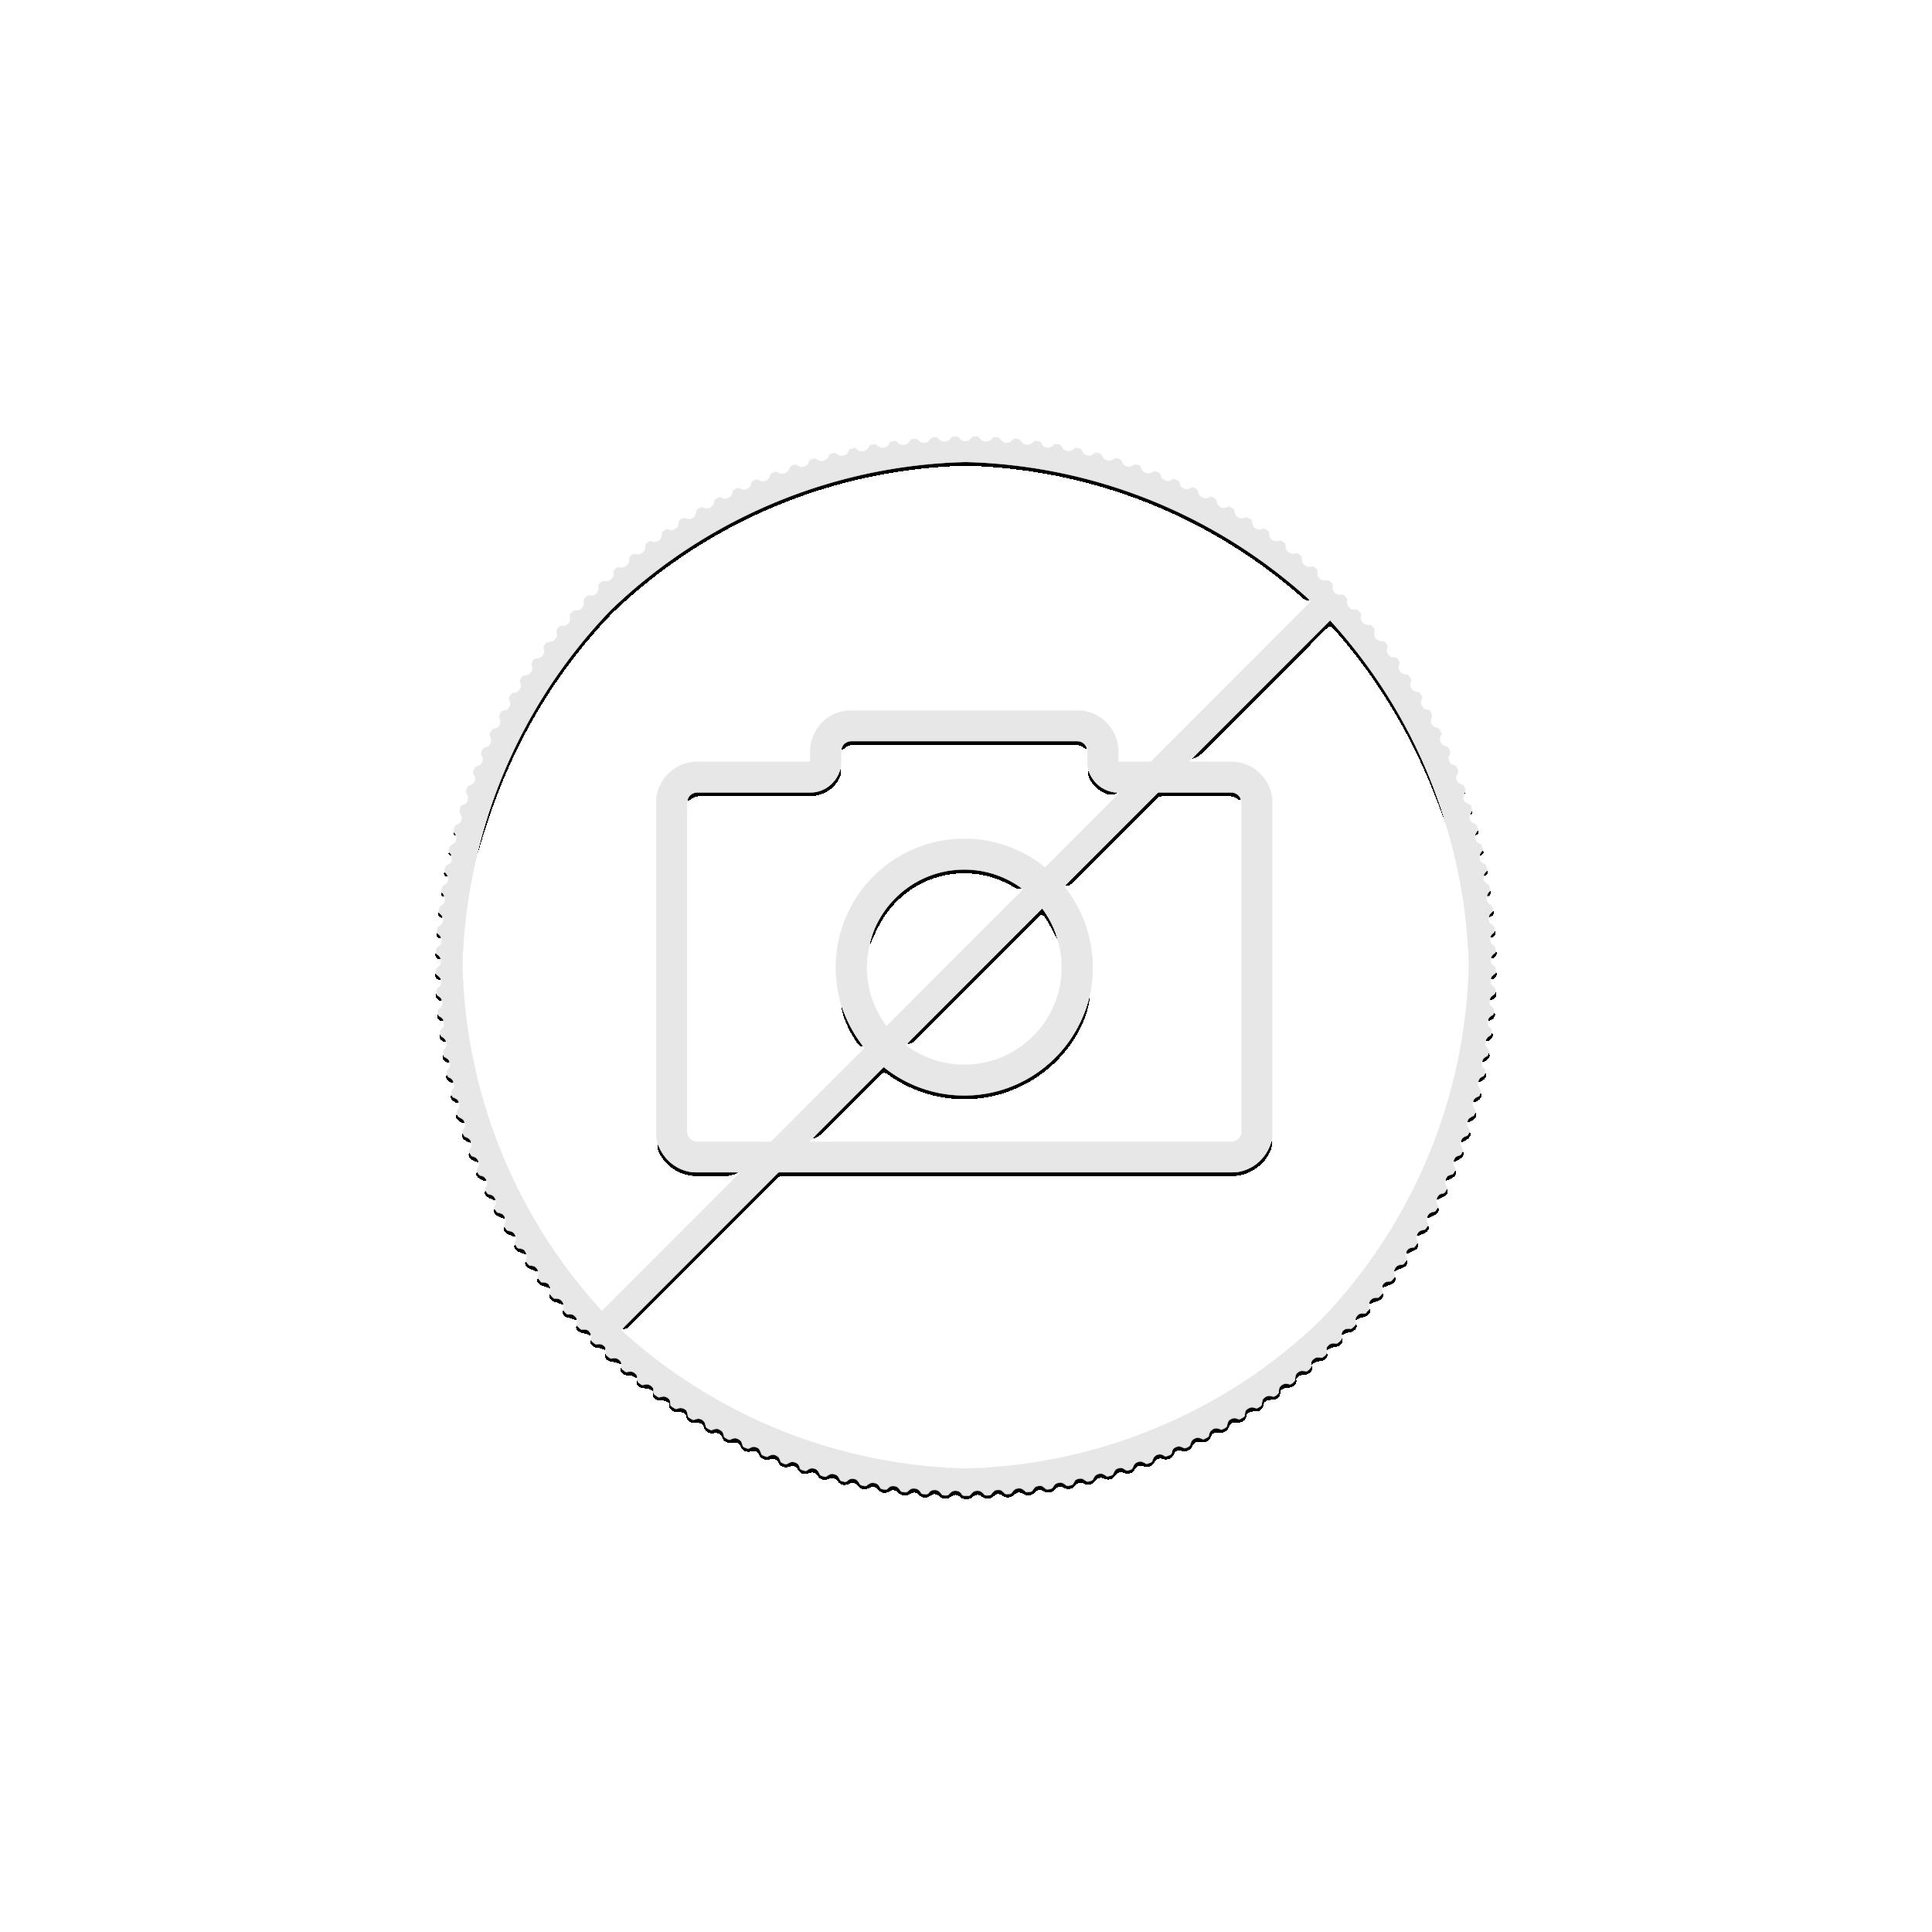 Zilveren Kookaburra munt 1 troy ounce 2014